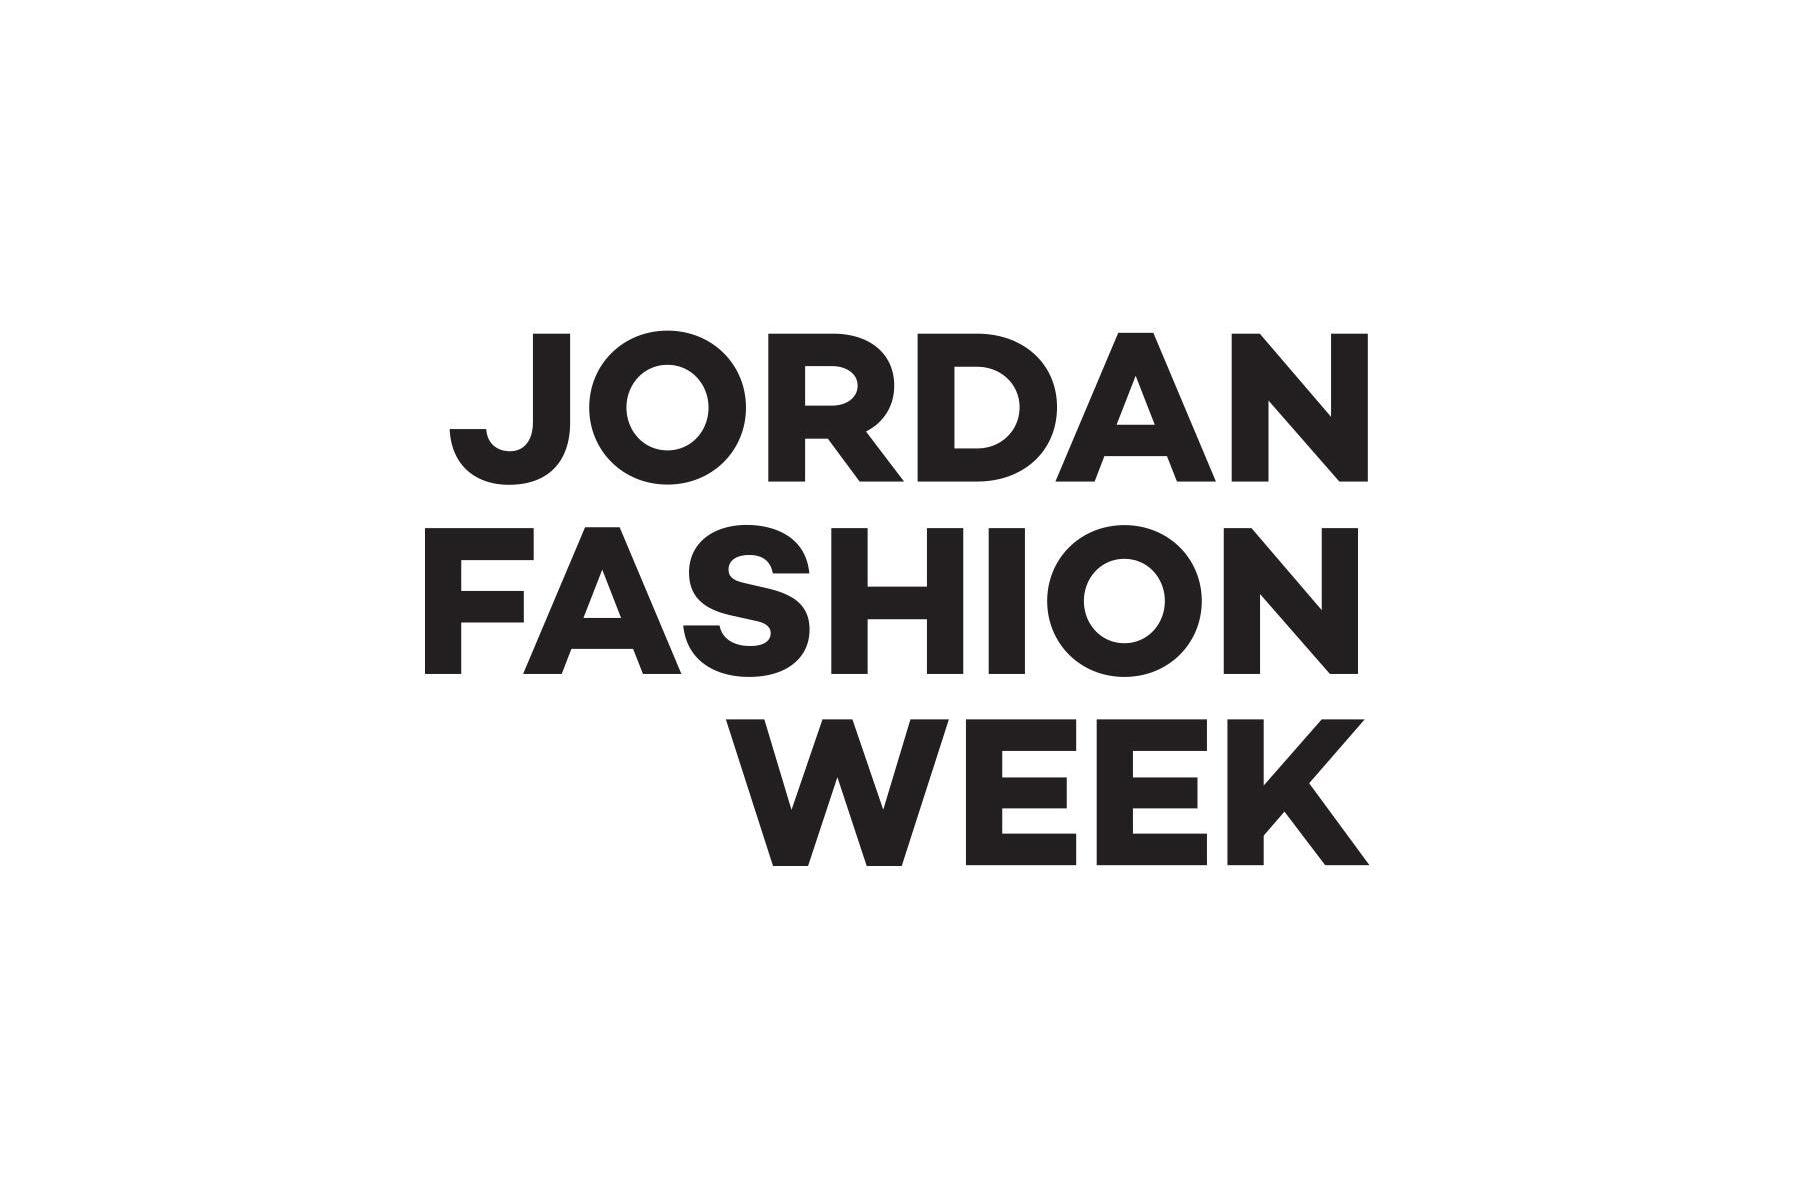 Jordan fashion week